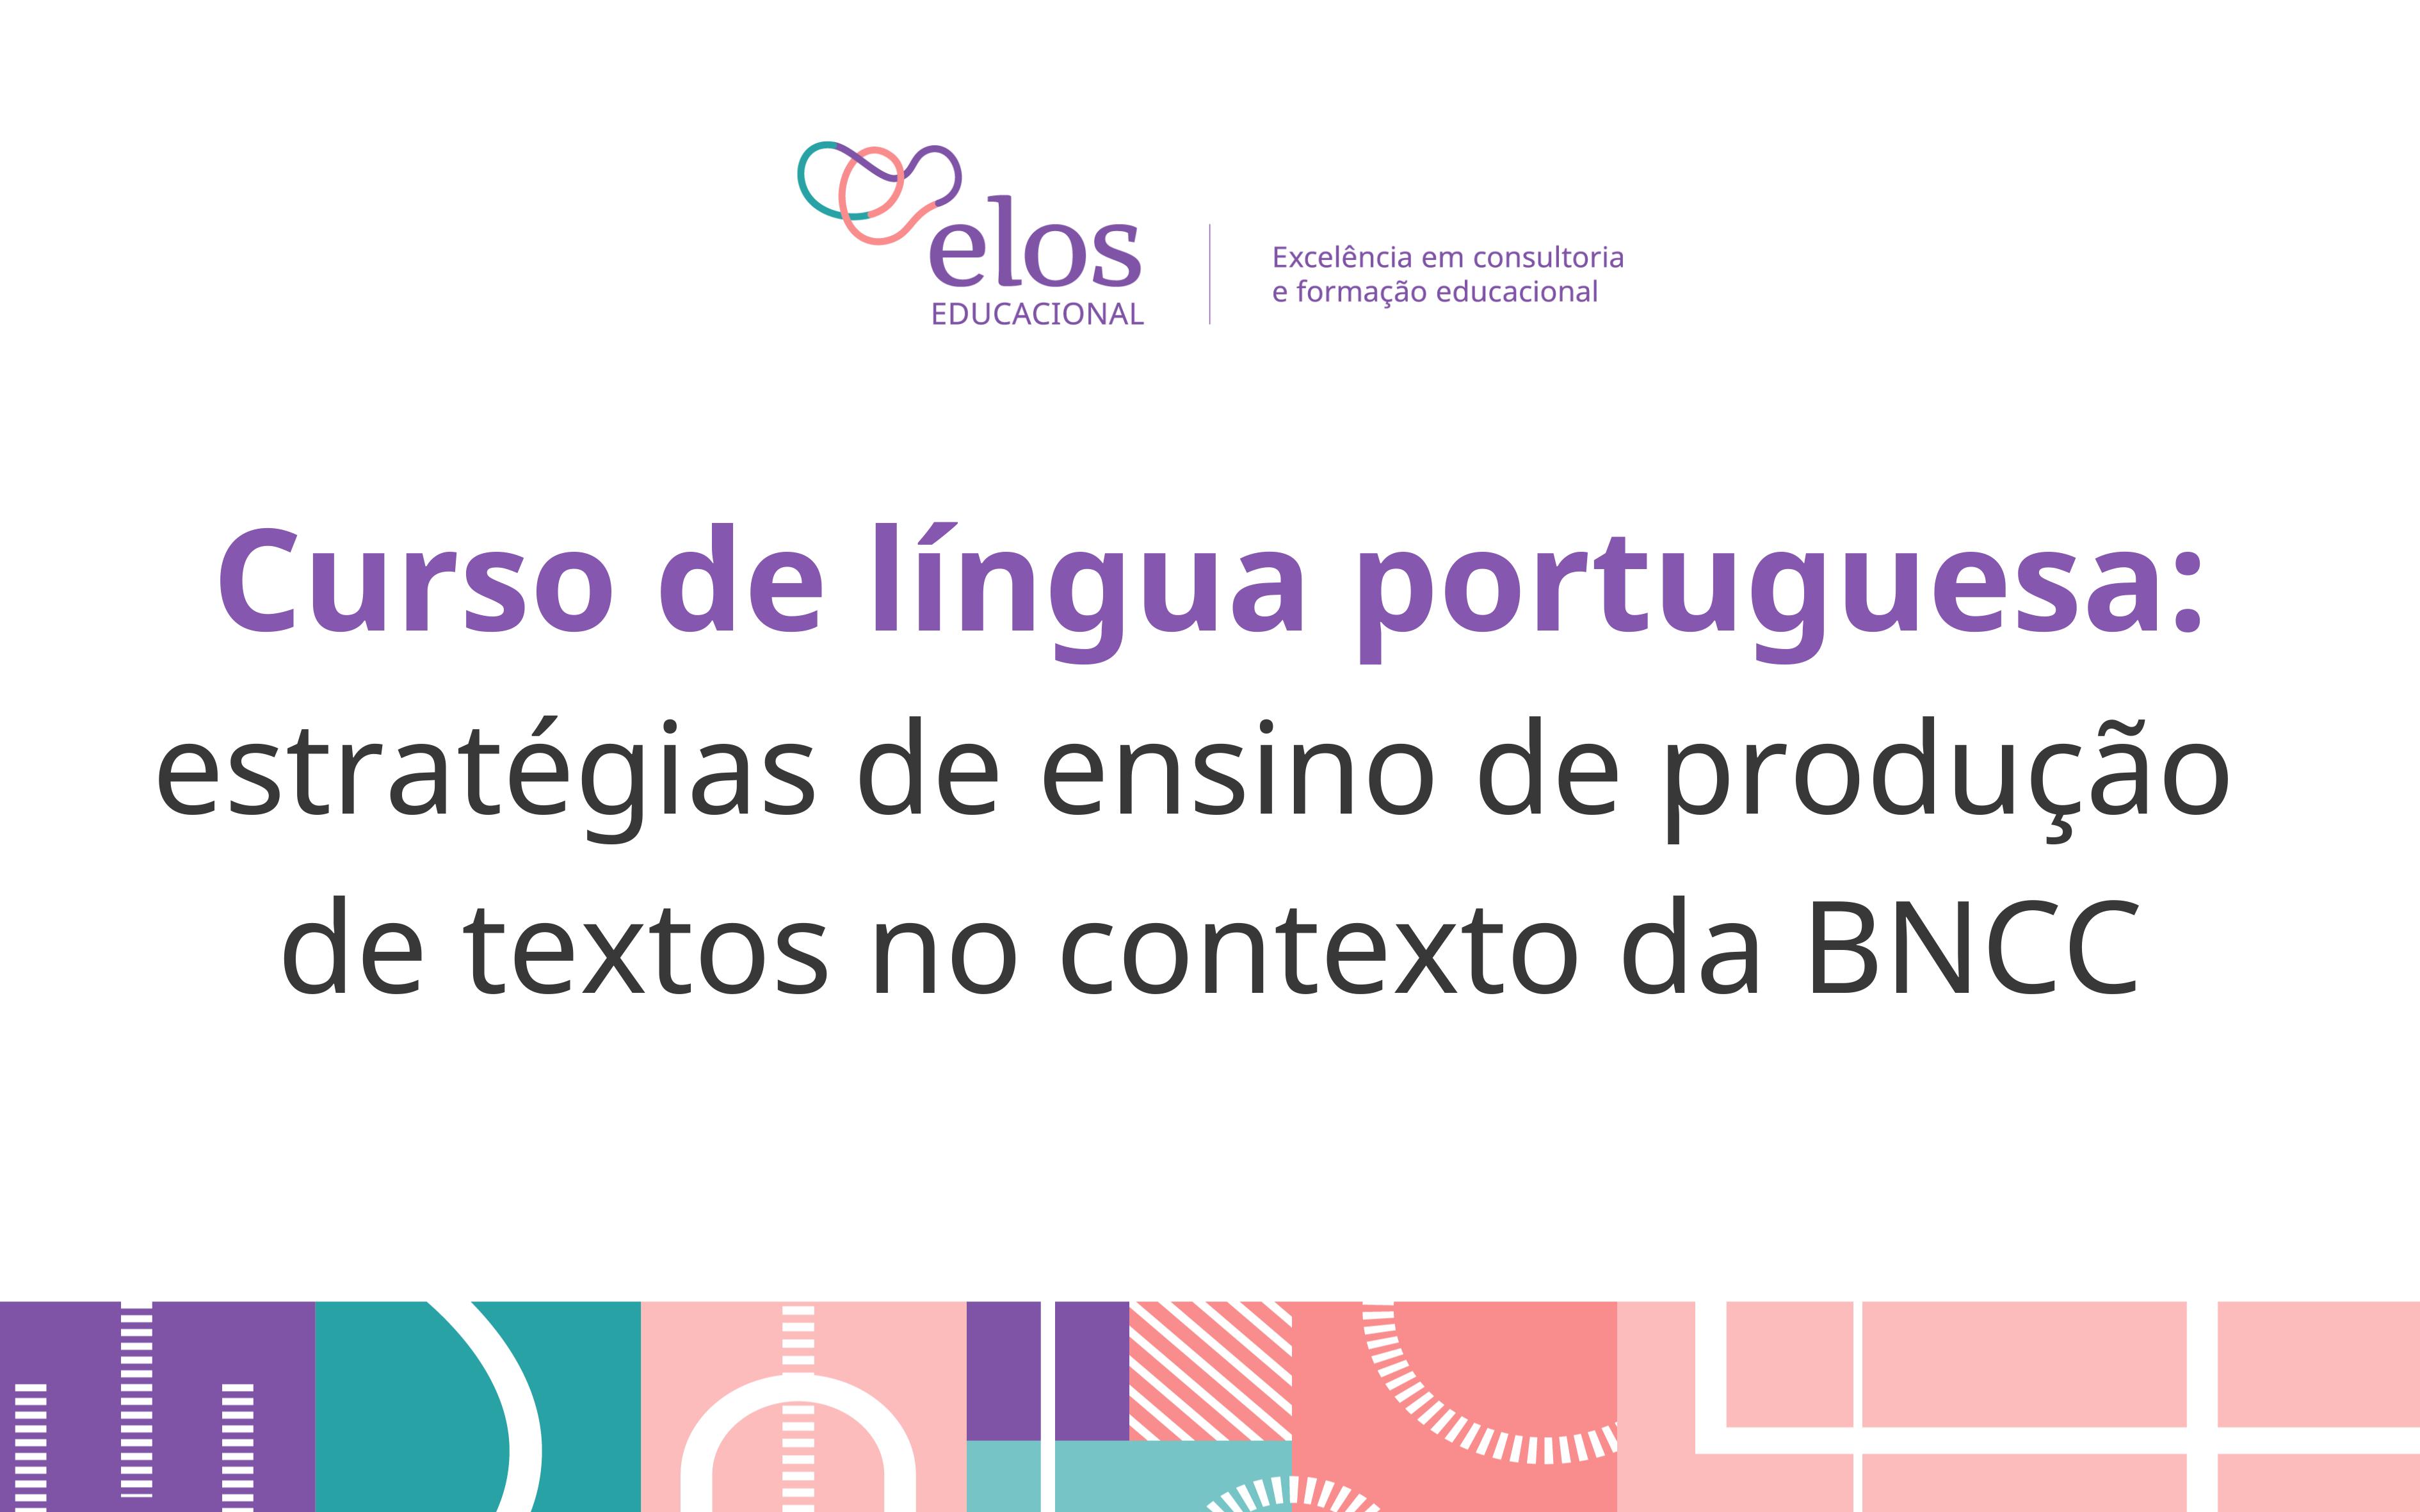 Estratégias de ensino de produção de textos no contexto da BNCC